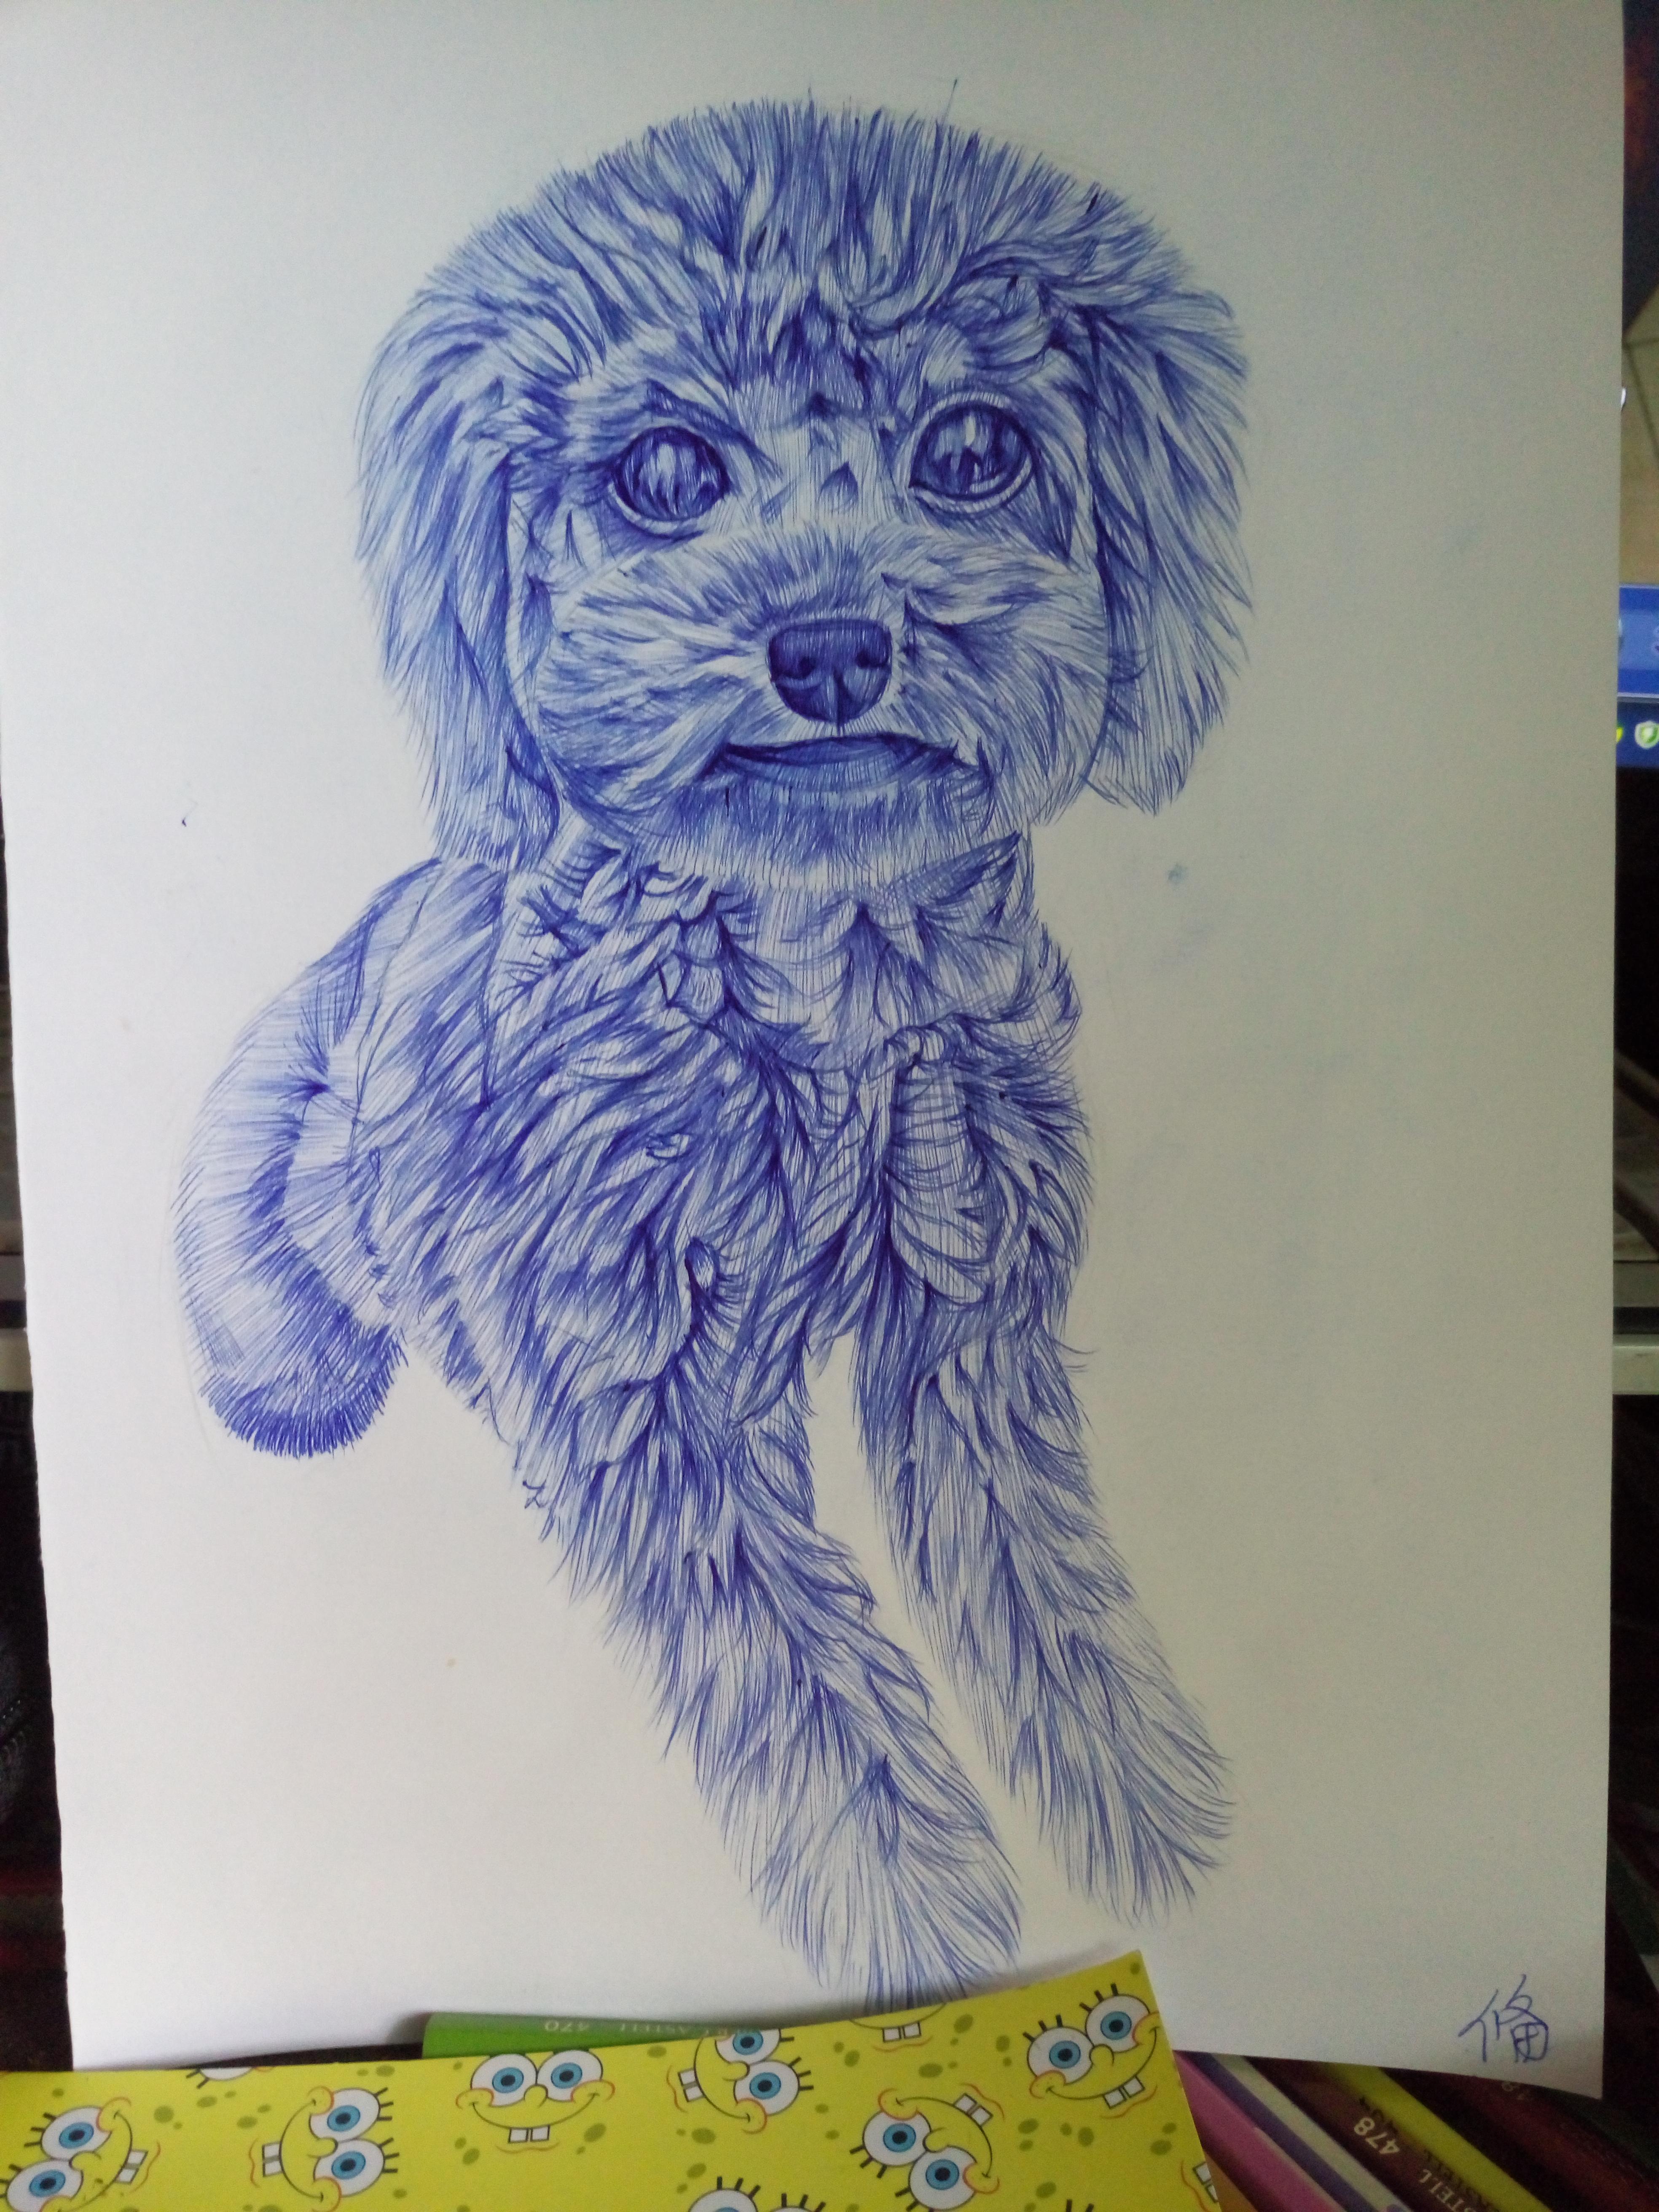 圆珠笔画的侄女家狗狗